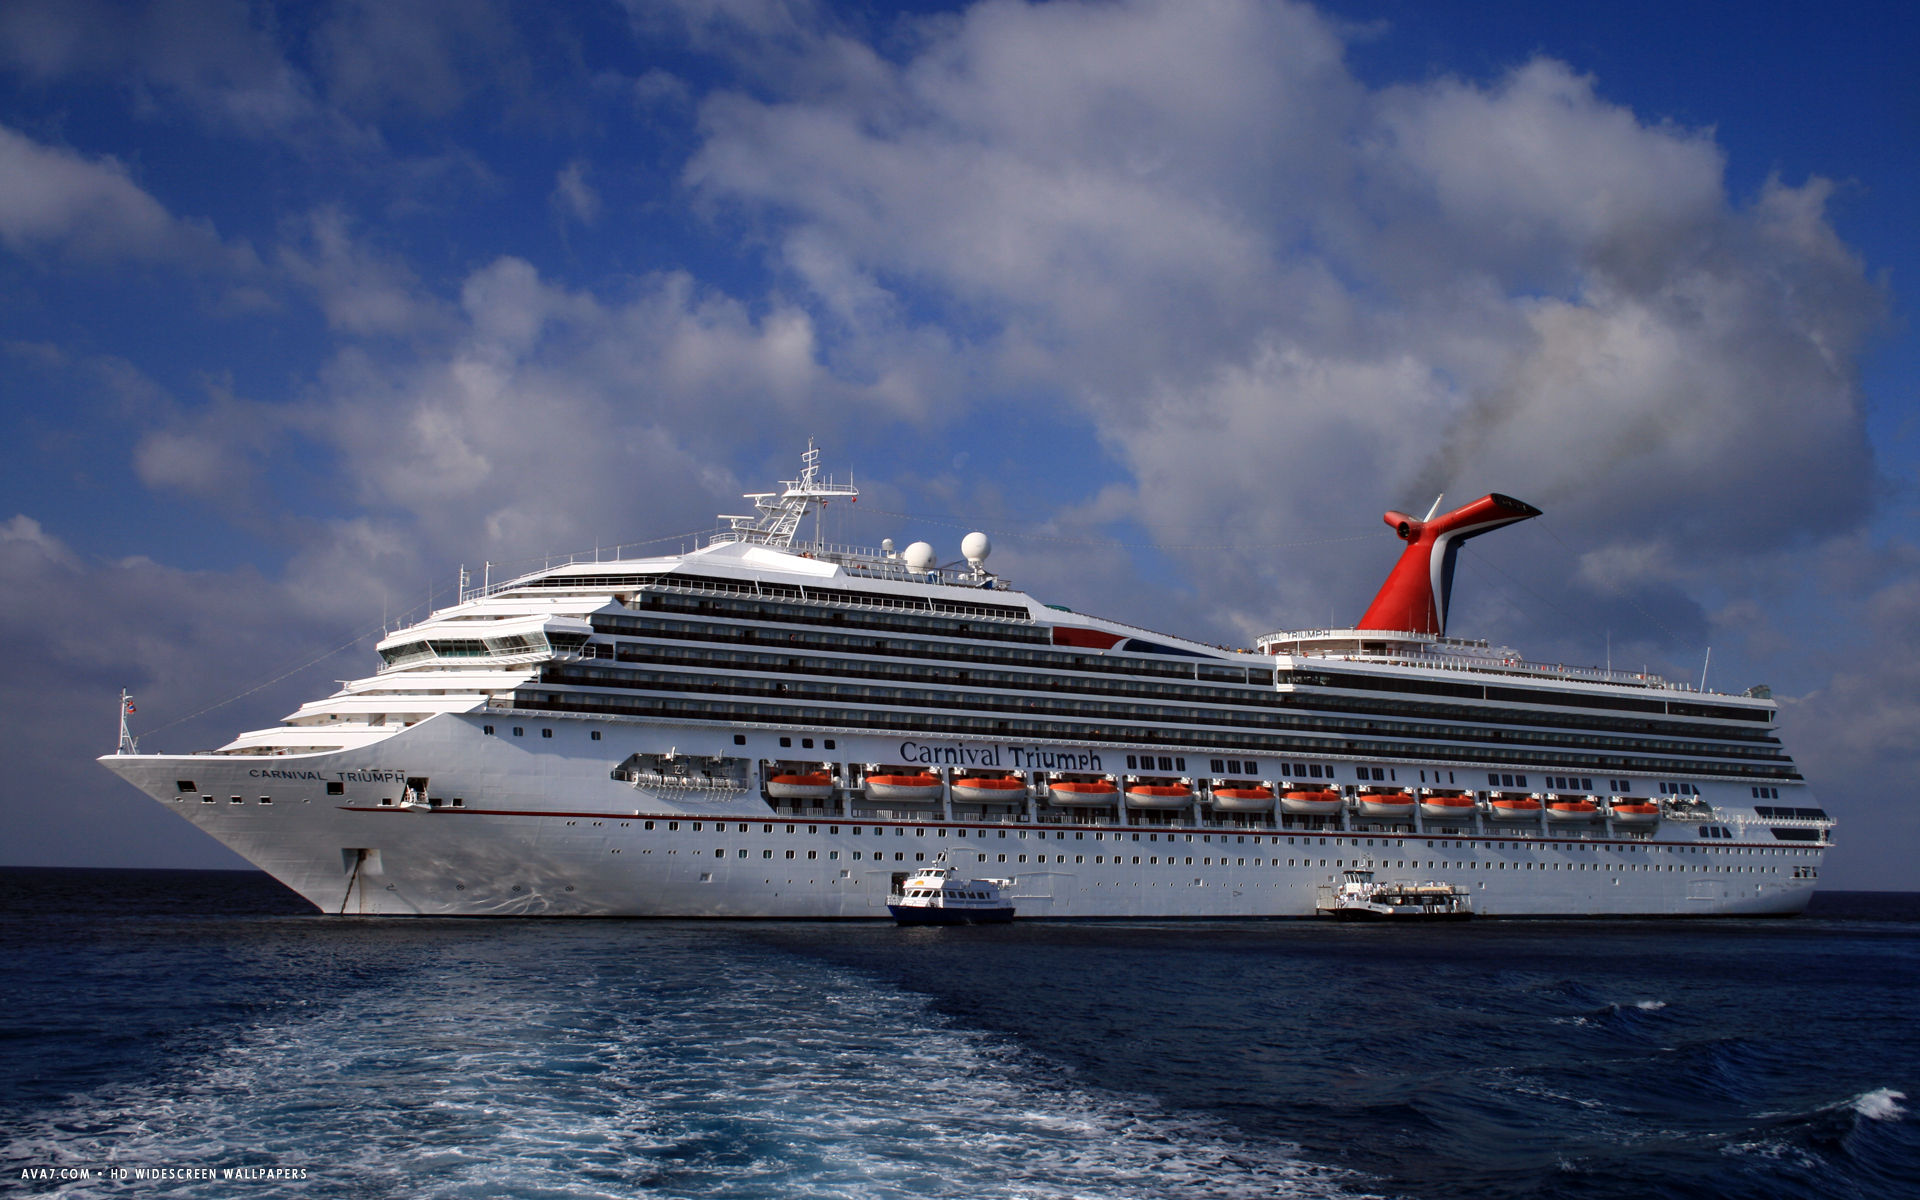 carnival triumph cruise ship hd widescreen wallpaper cruise ships 1920x1200